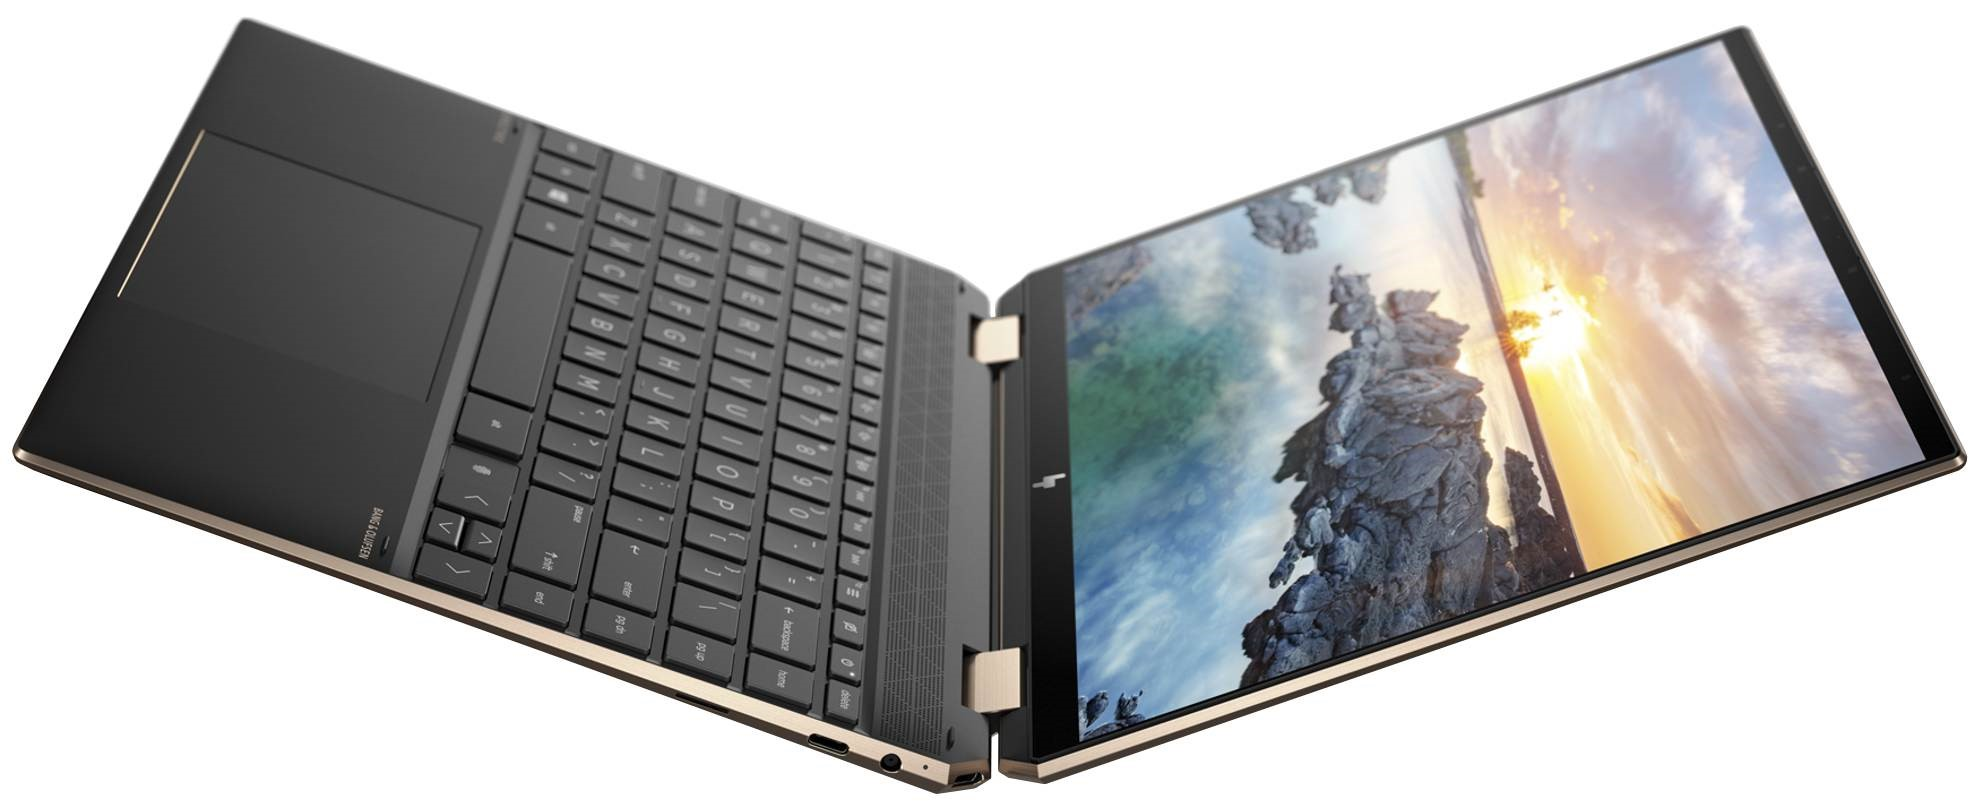 惠普Spectre x360 14豪华笔记本电脑展示了第11代Intel和AI功能